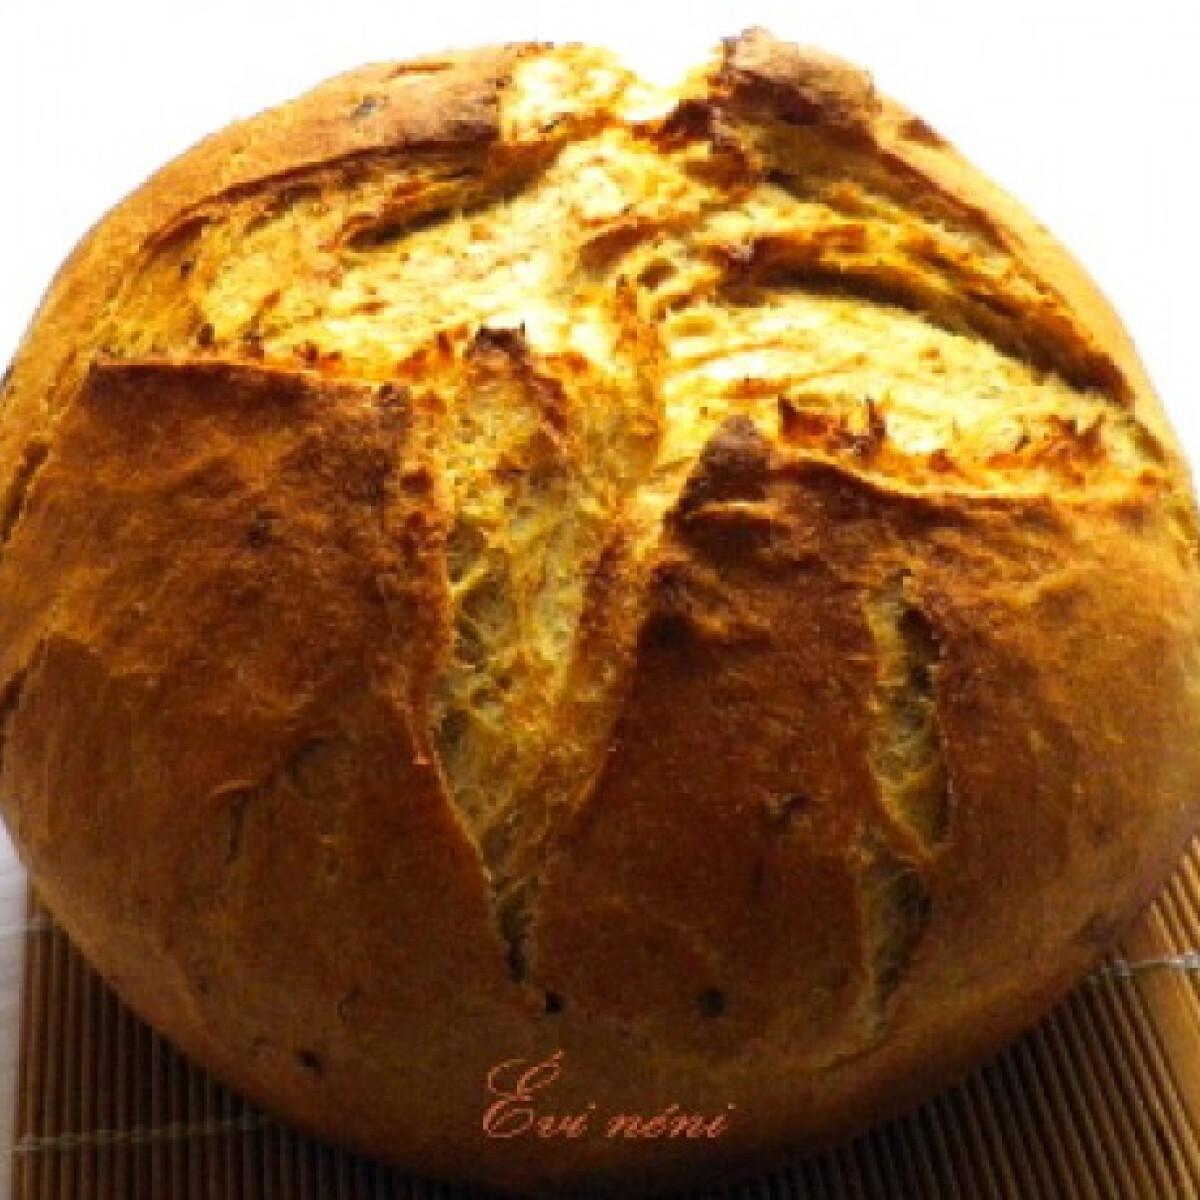 Hagymás kenyér Évi nénitől